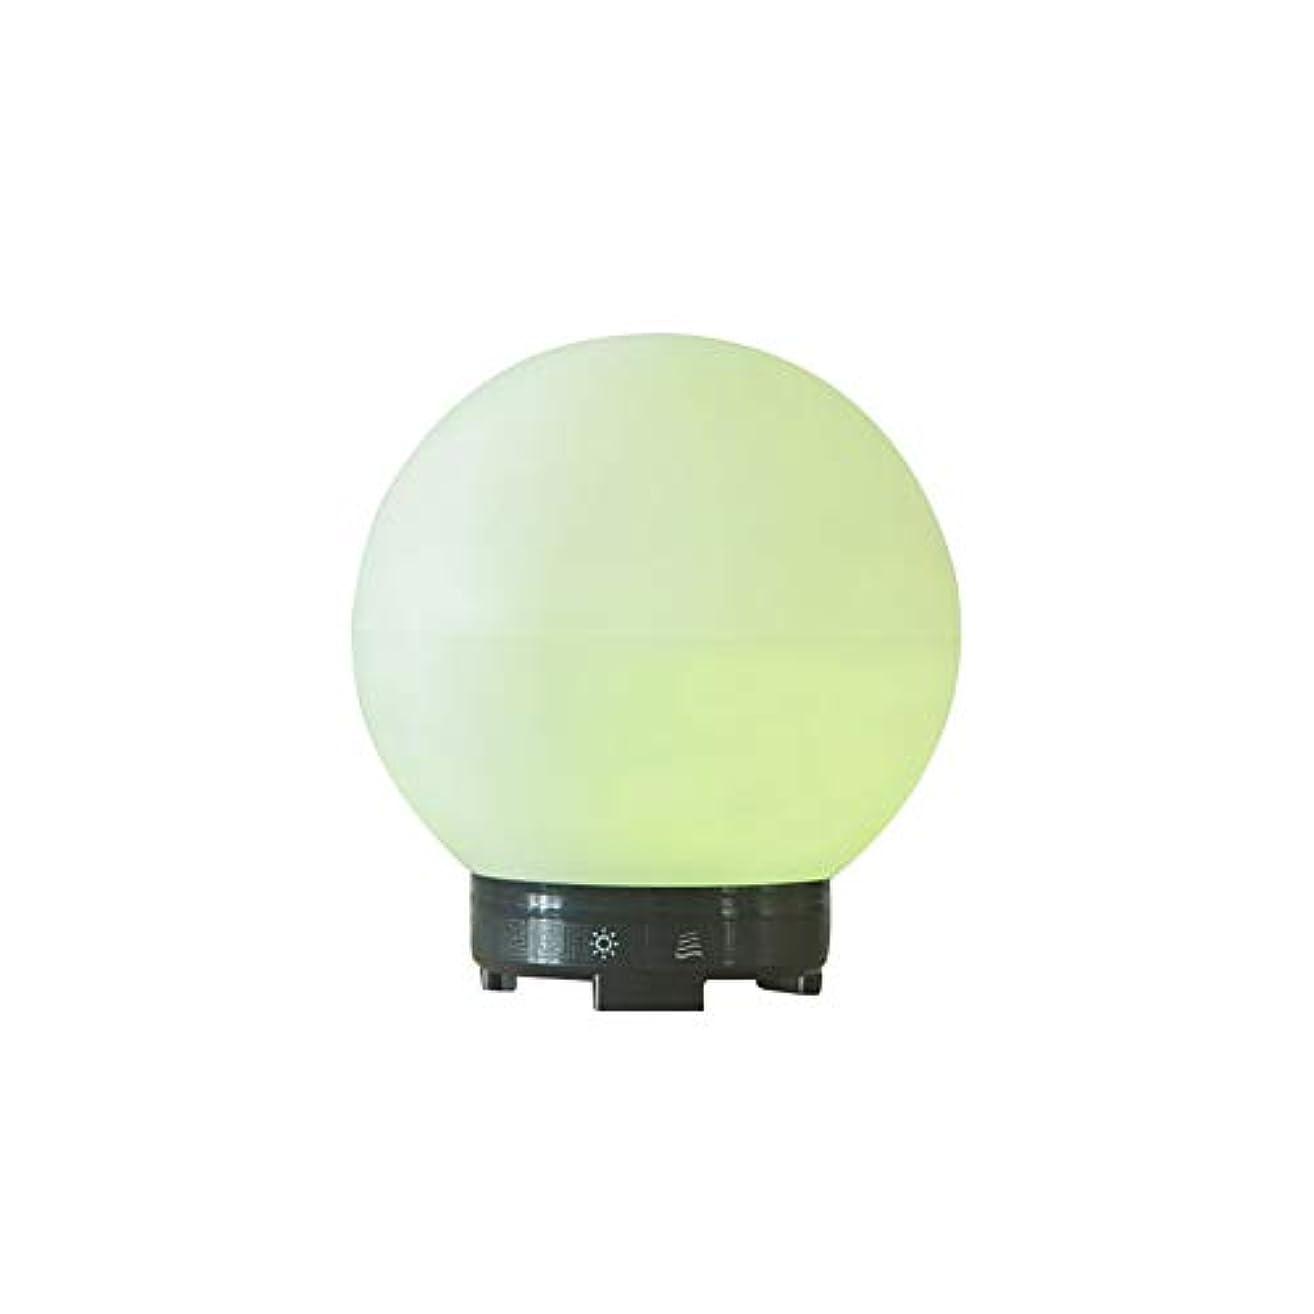 消費するタービン協力エッセンシャルオイルディフューザーと加湿器、ミストエッセンシャルオイルアロマ加湿器用の超音波アロマディフューザー、7色LEDライト